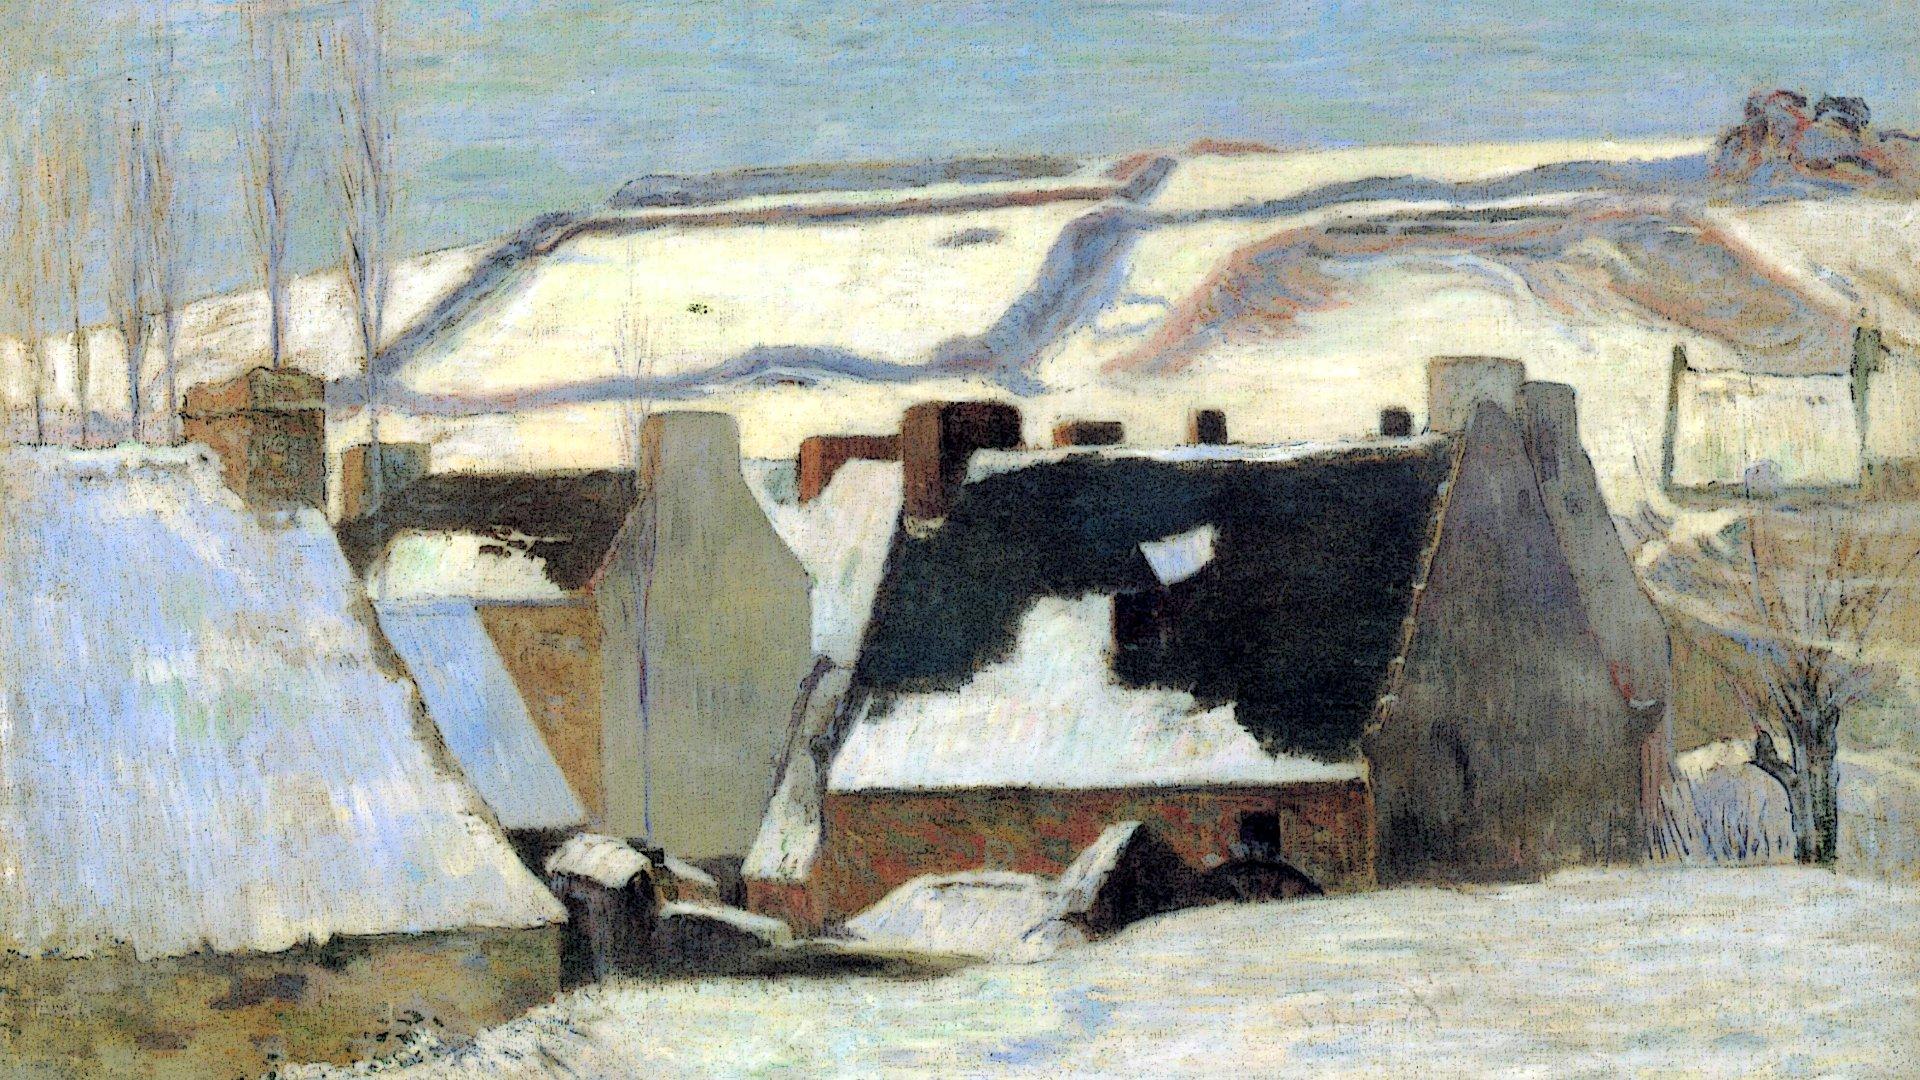 Зимний пейзаж < Бретонская деревня в снегу >  :: Поль Гоген [ живопись постимпрессионизм ] - Гоген Поль ( Paul Gauguin ) фото